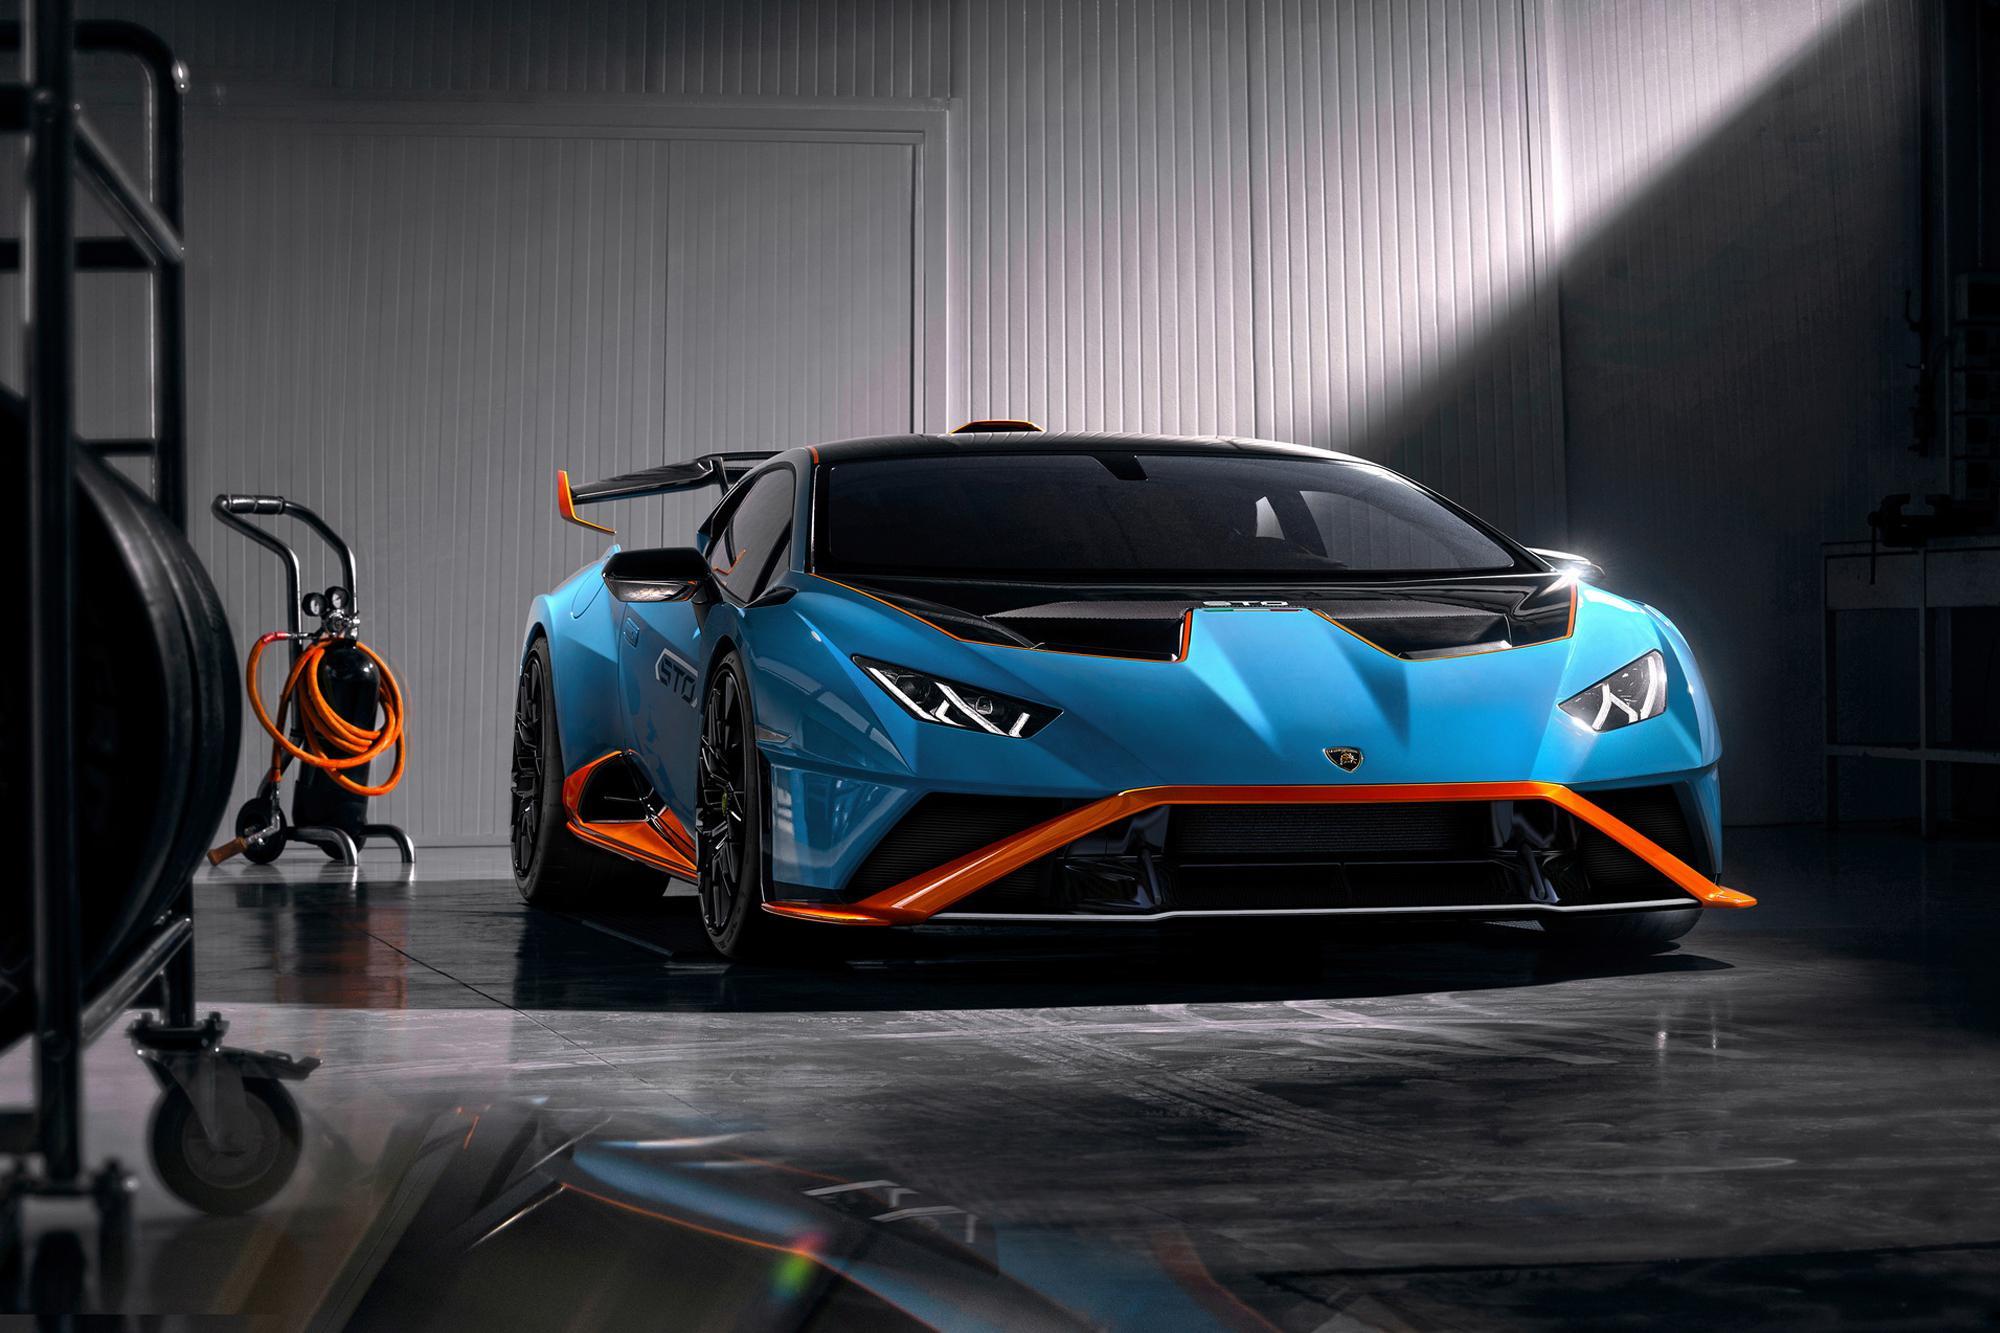 Επίσημο: Lamborghini Huracan STO